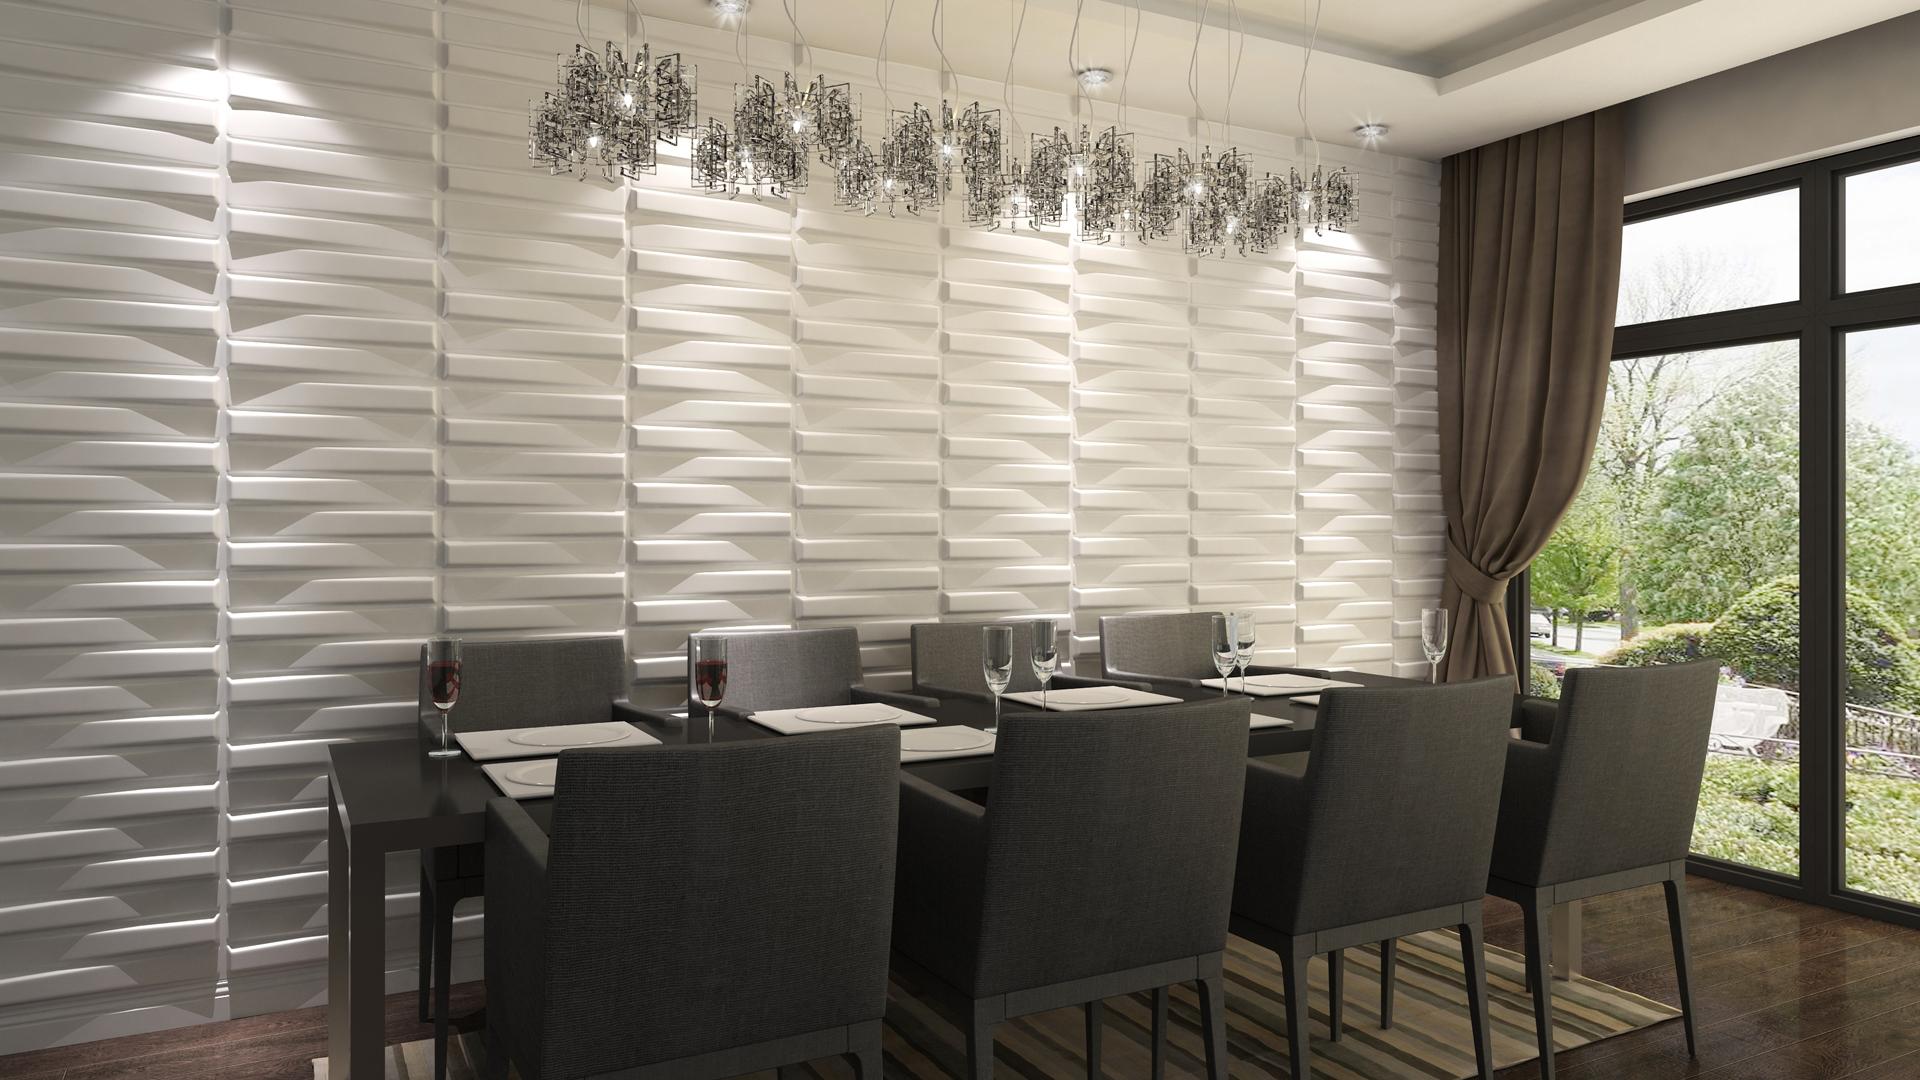 Full Size of Küche Wandverkleidung Wie Arbeitsplatte Küche Wandverkleidung Glas Küche Wandverkleidung Plexiglas Küche Wandverkleidung Glas Mit Motiv Küche Küche Wandverkleidung